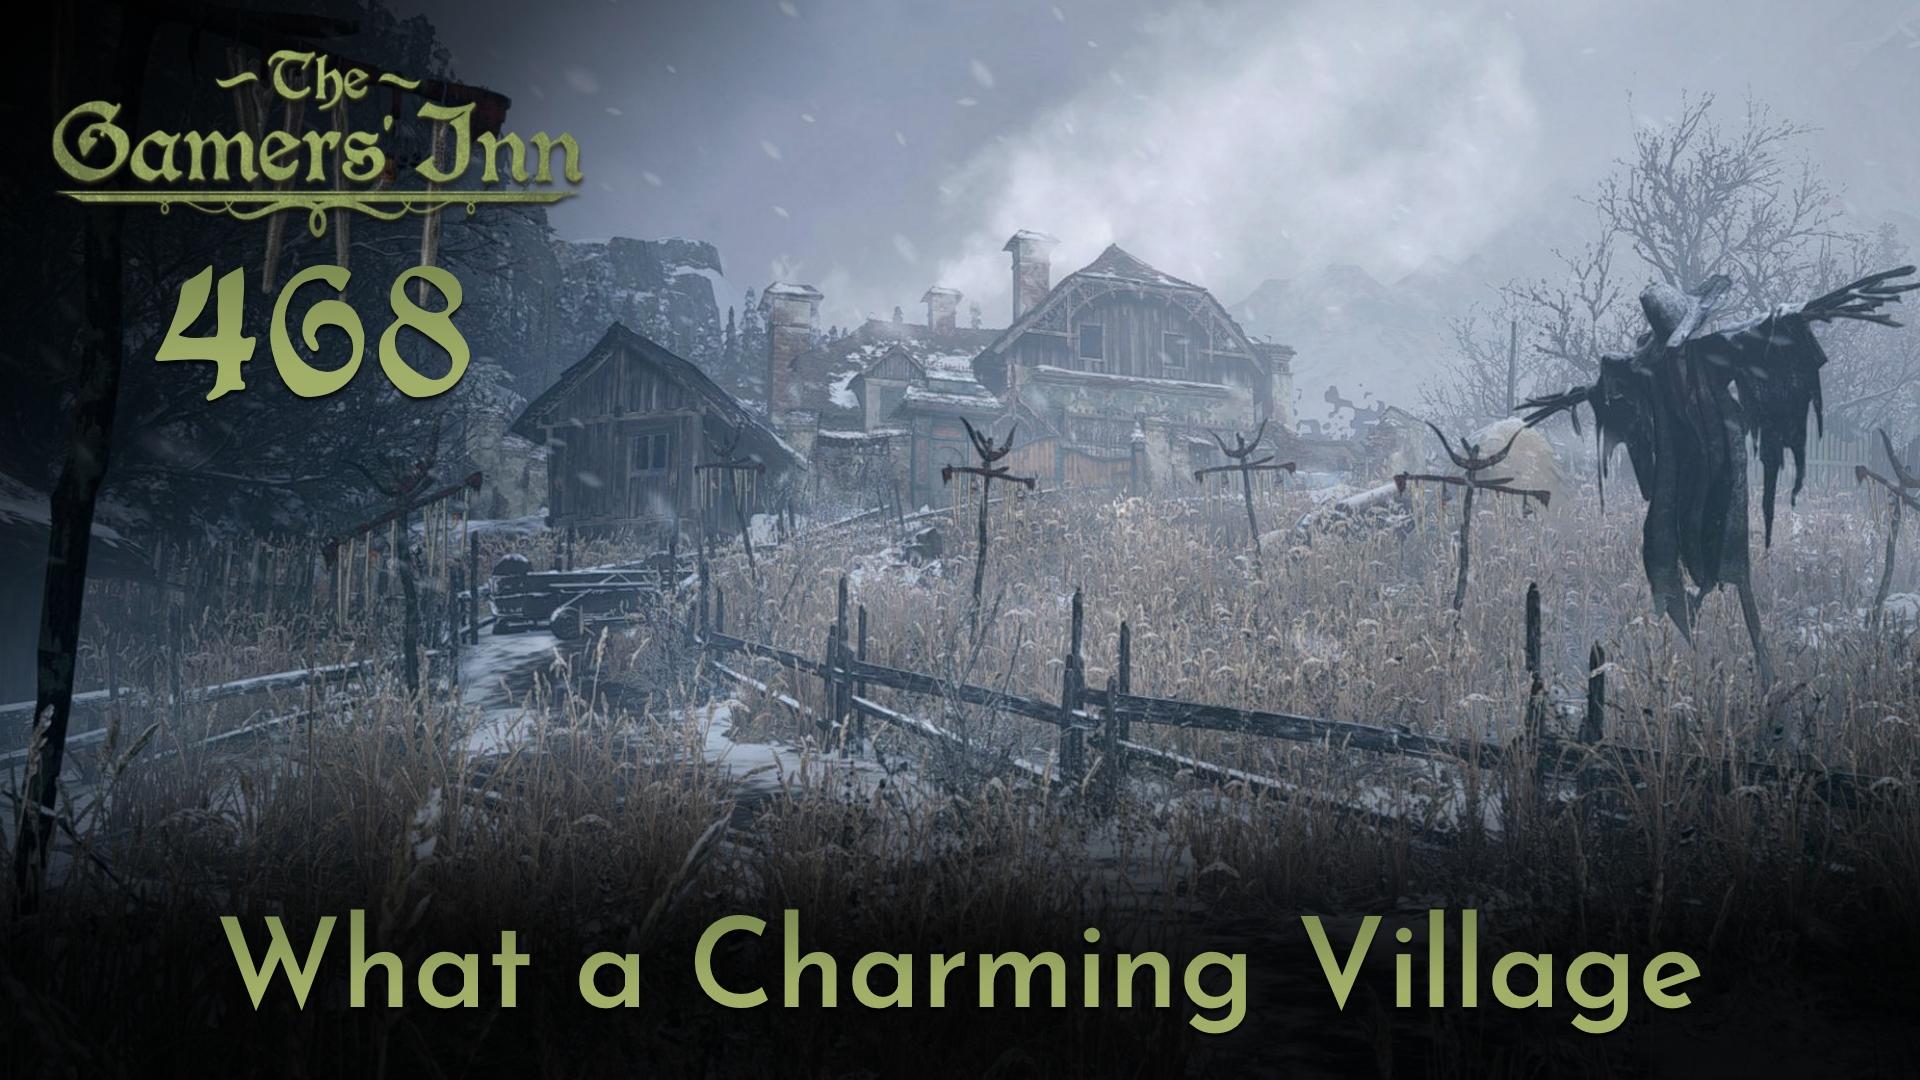 TGI 468 - What a Charming Village